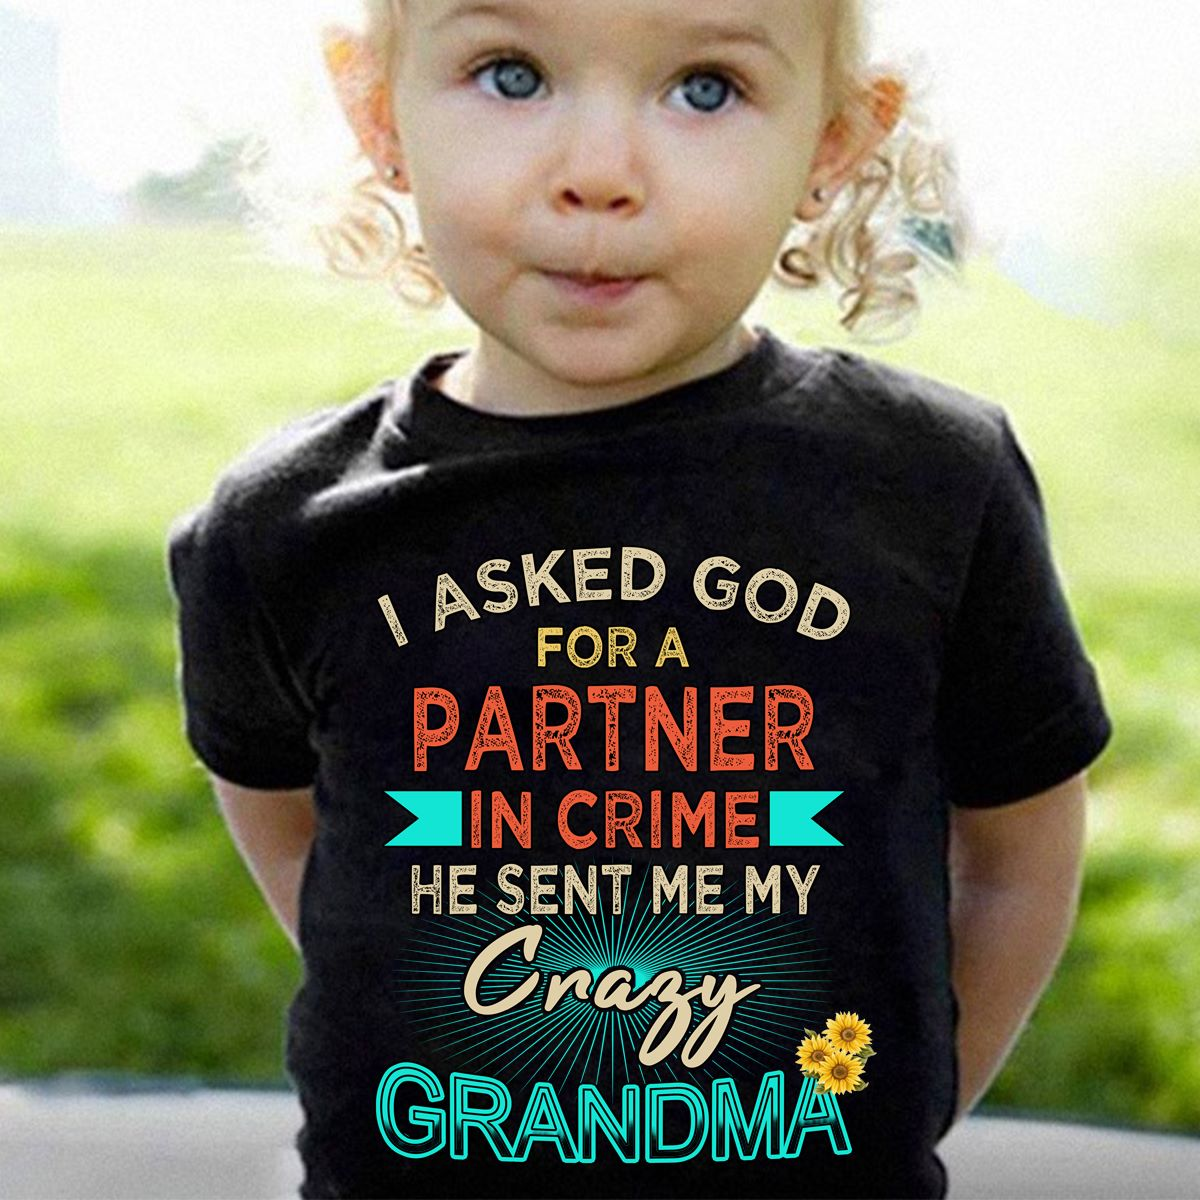 Crazy Grandma Baby Shirt I Ask God For A Partner In Crime